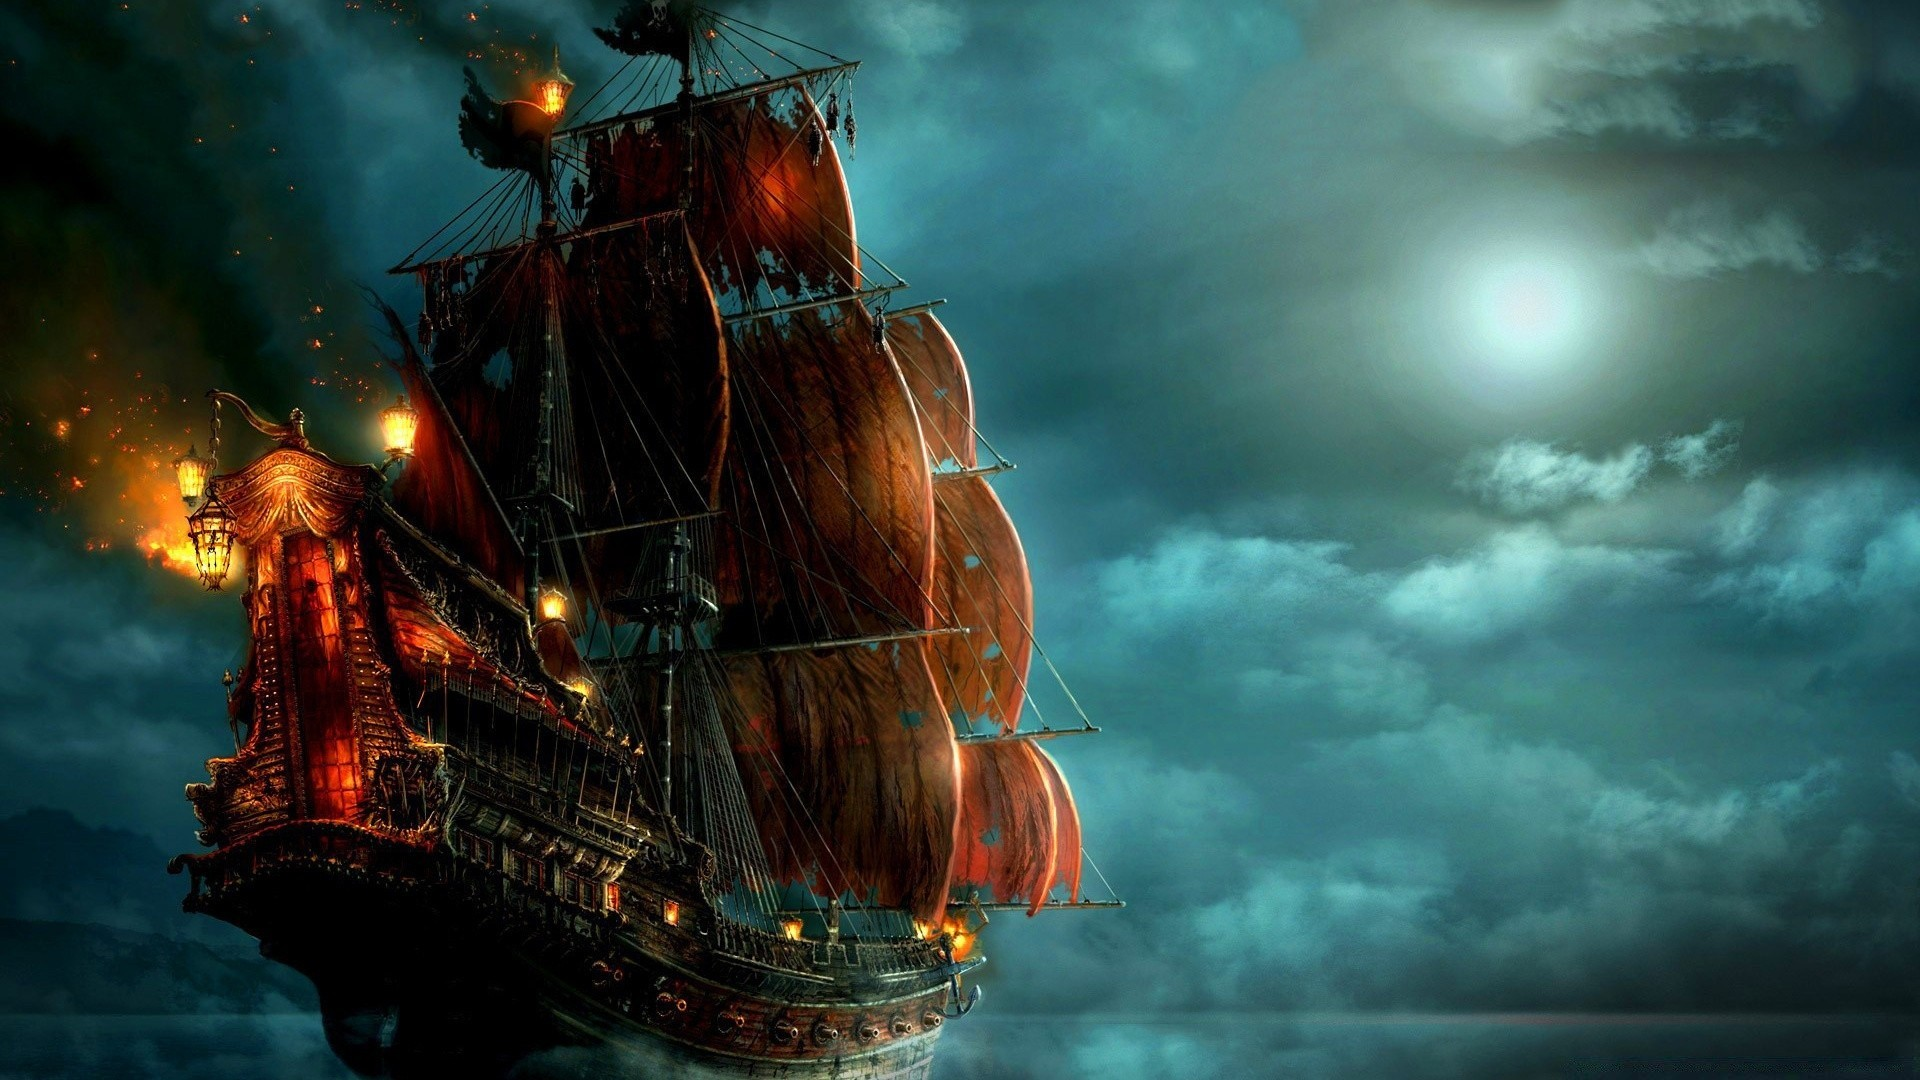 Корабли пиратов картинки на рабочий стол